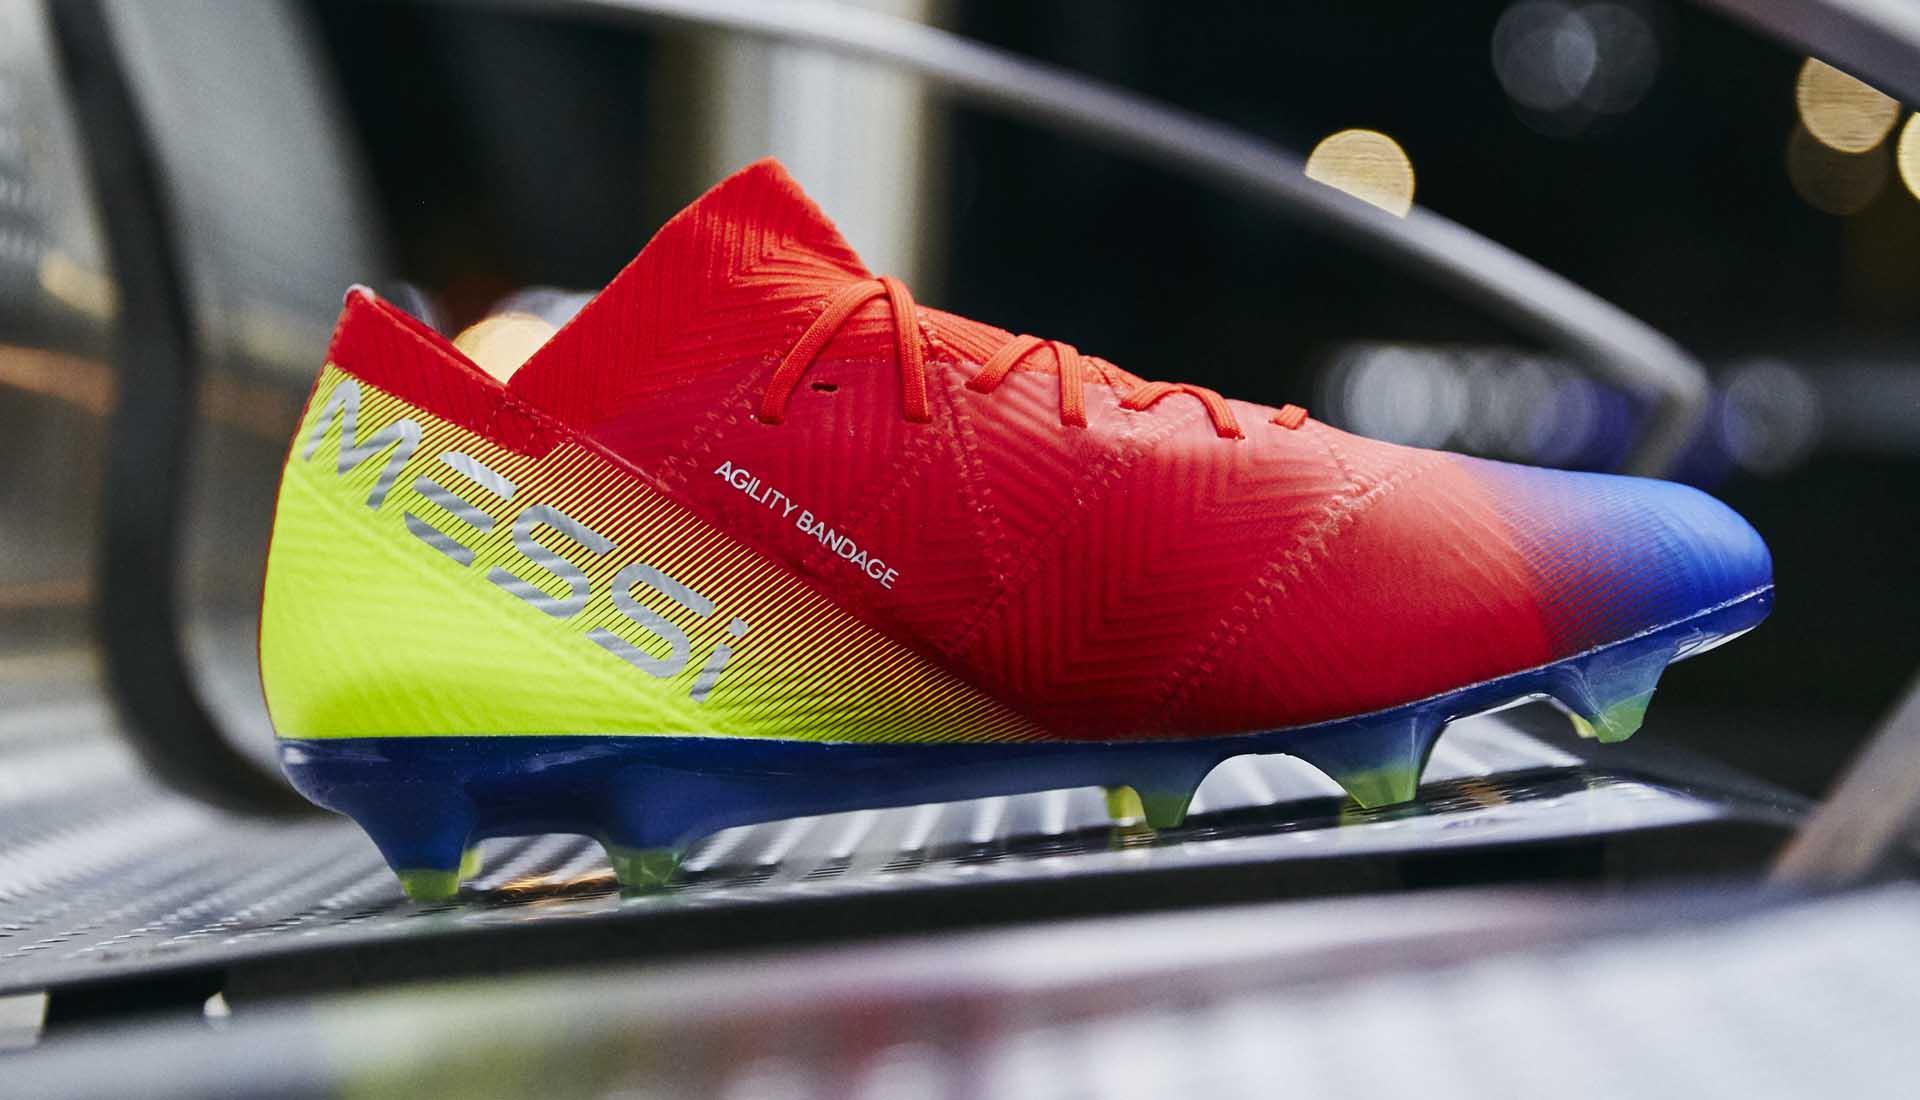 adidas voetbalschoenen licht blauw